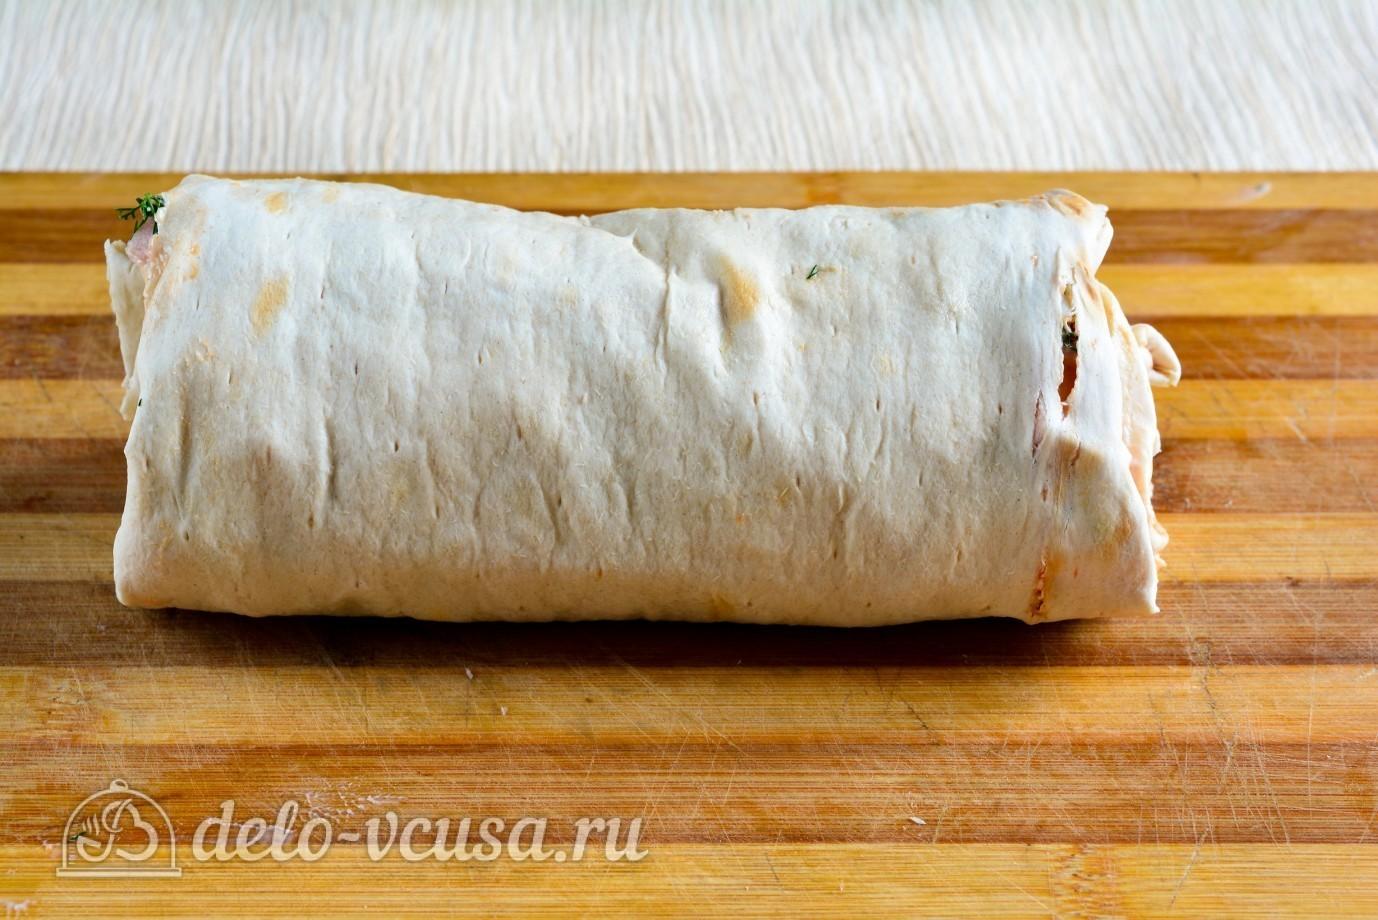 Чесночные стрелки рецепты приготовления на зиму пошагово